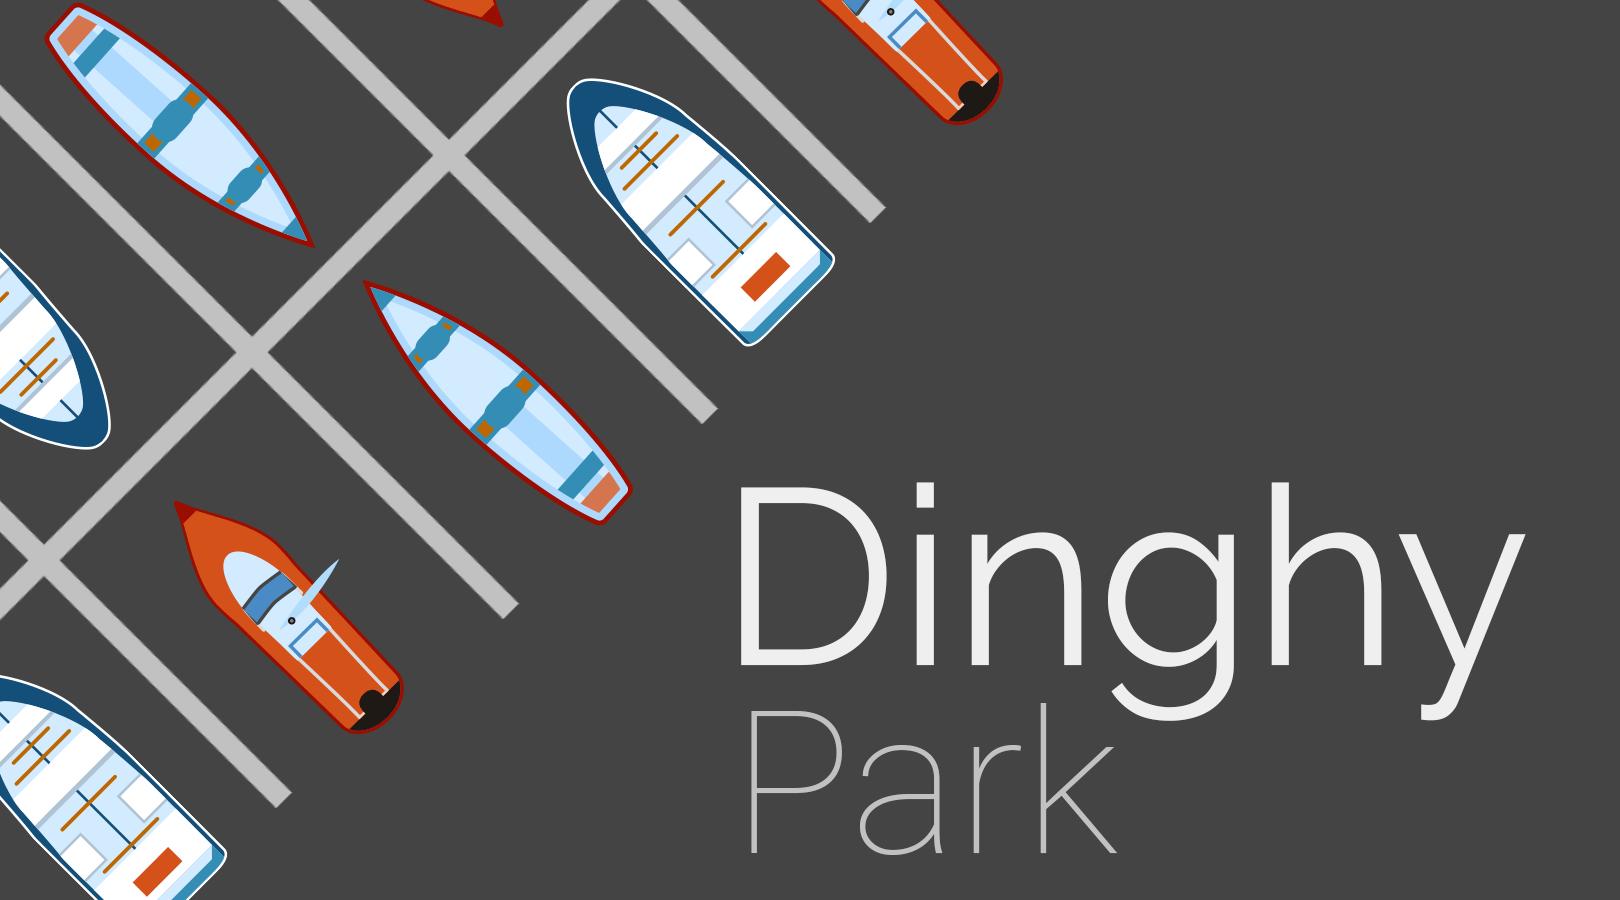 dinghy park applications